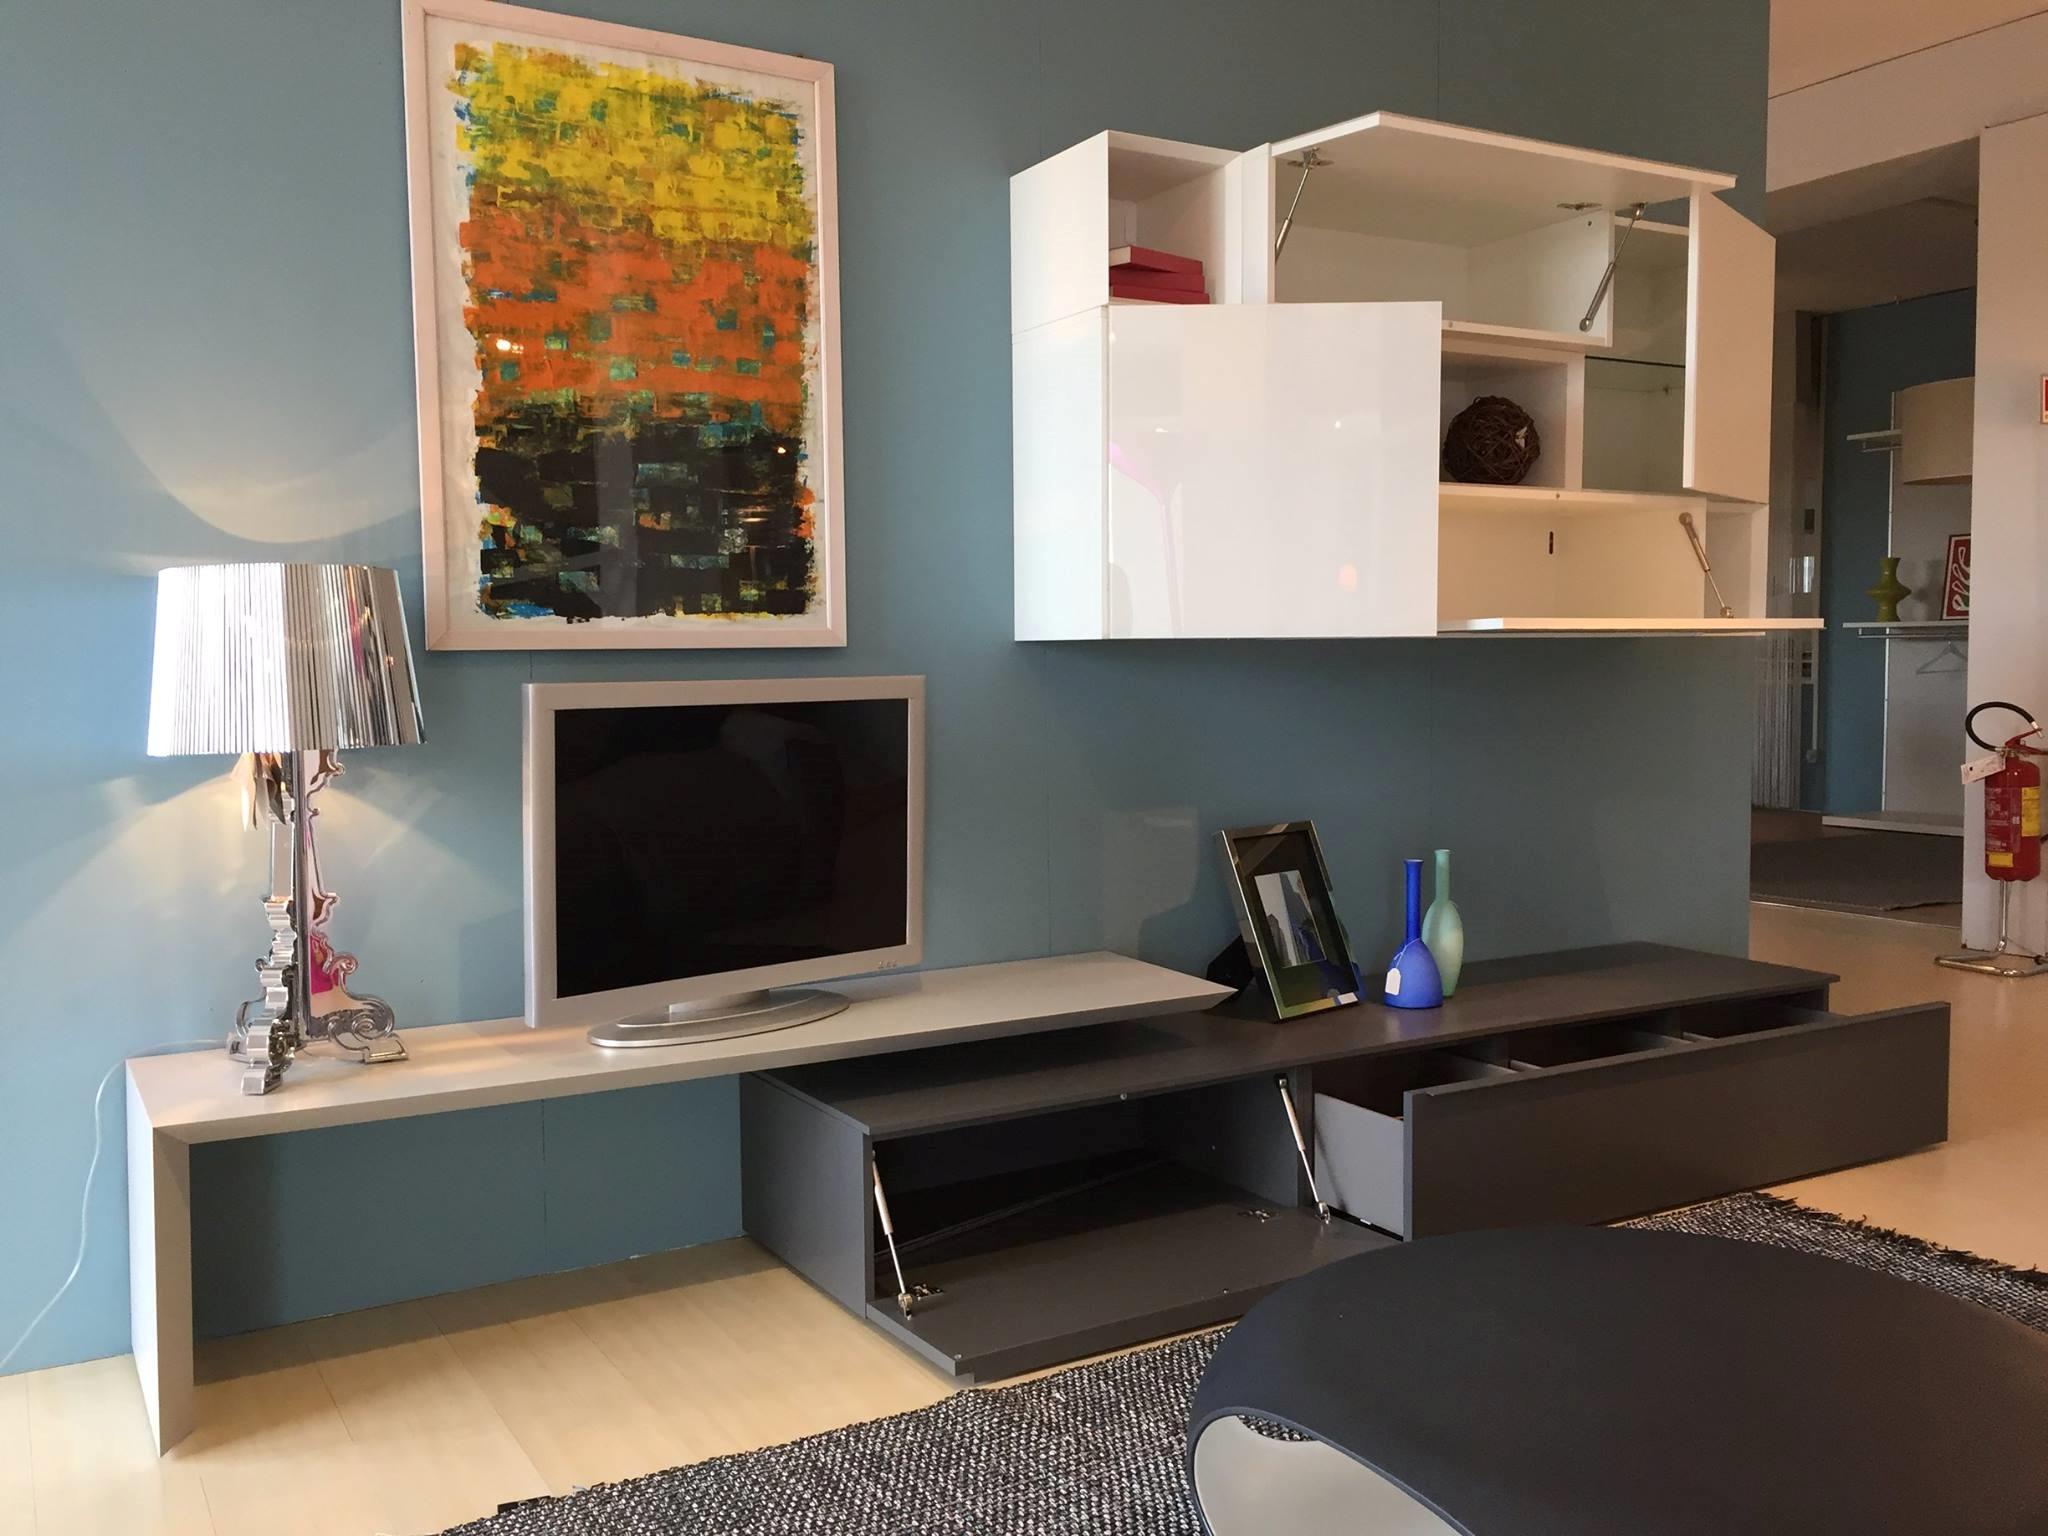 Soggiorno pianca spazio moduli soggiorni a prezzi scontati for Moduli componibili soggiorno